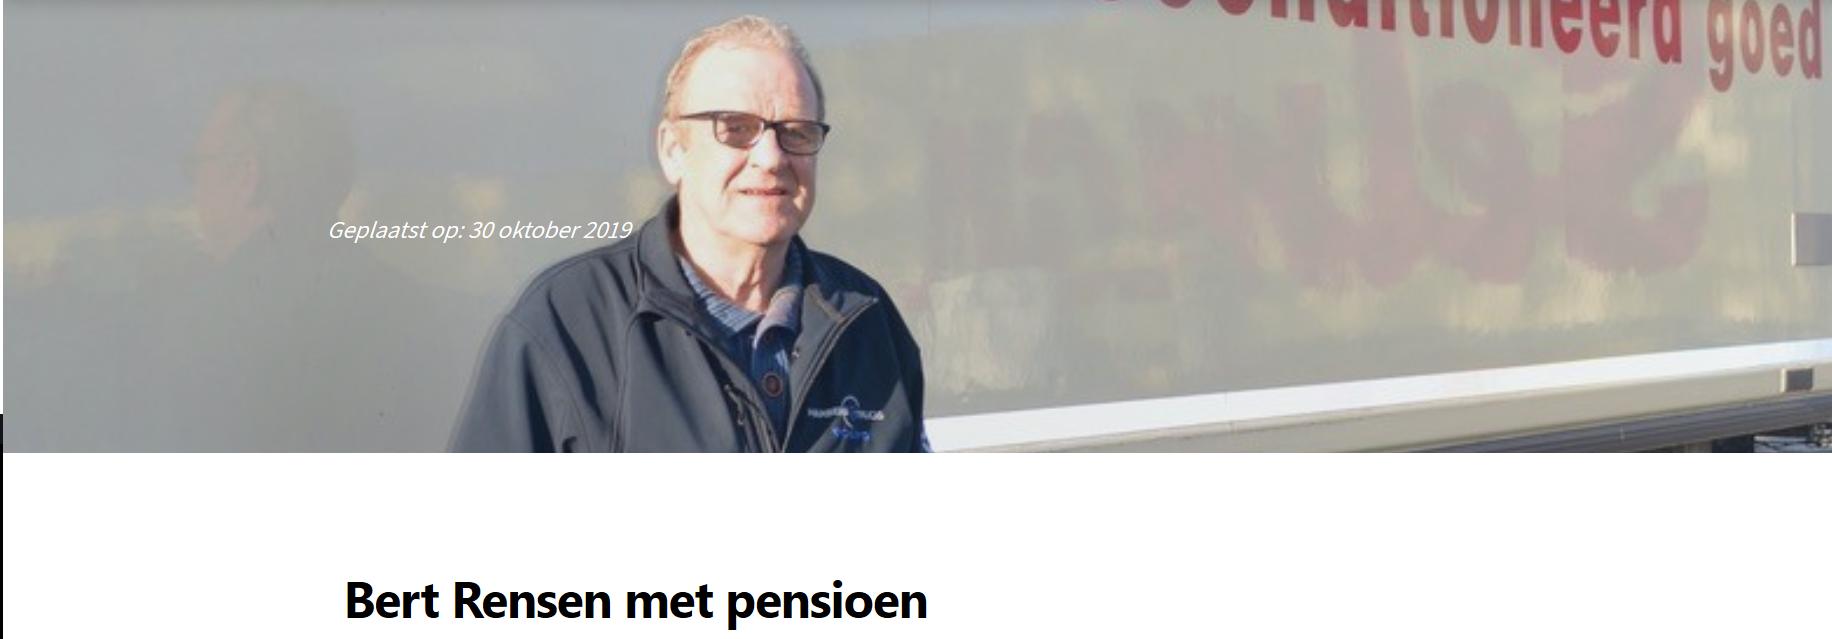 Bert-Rensen-2019-